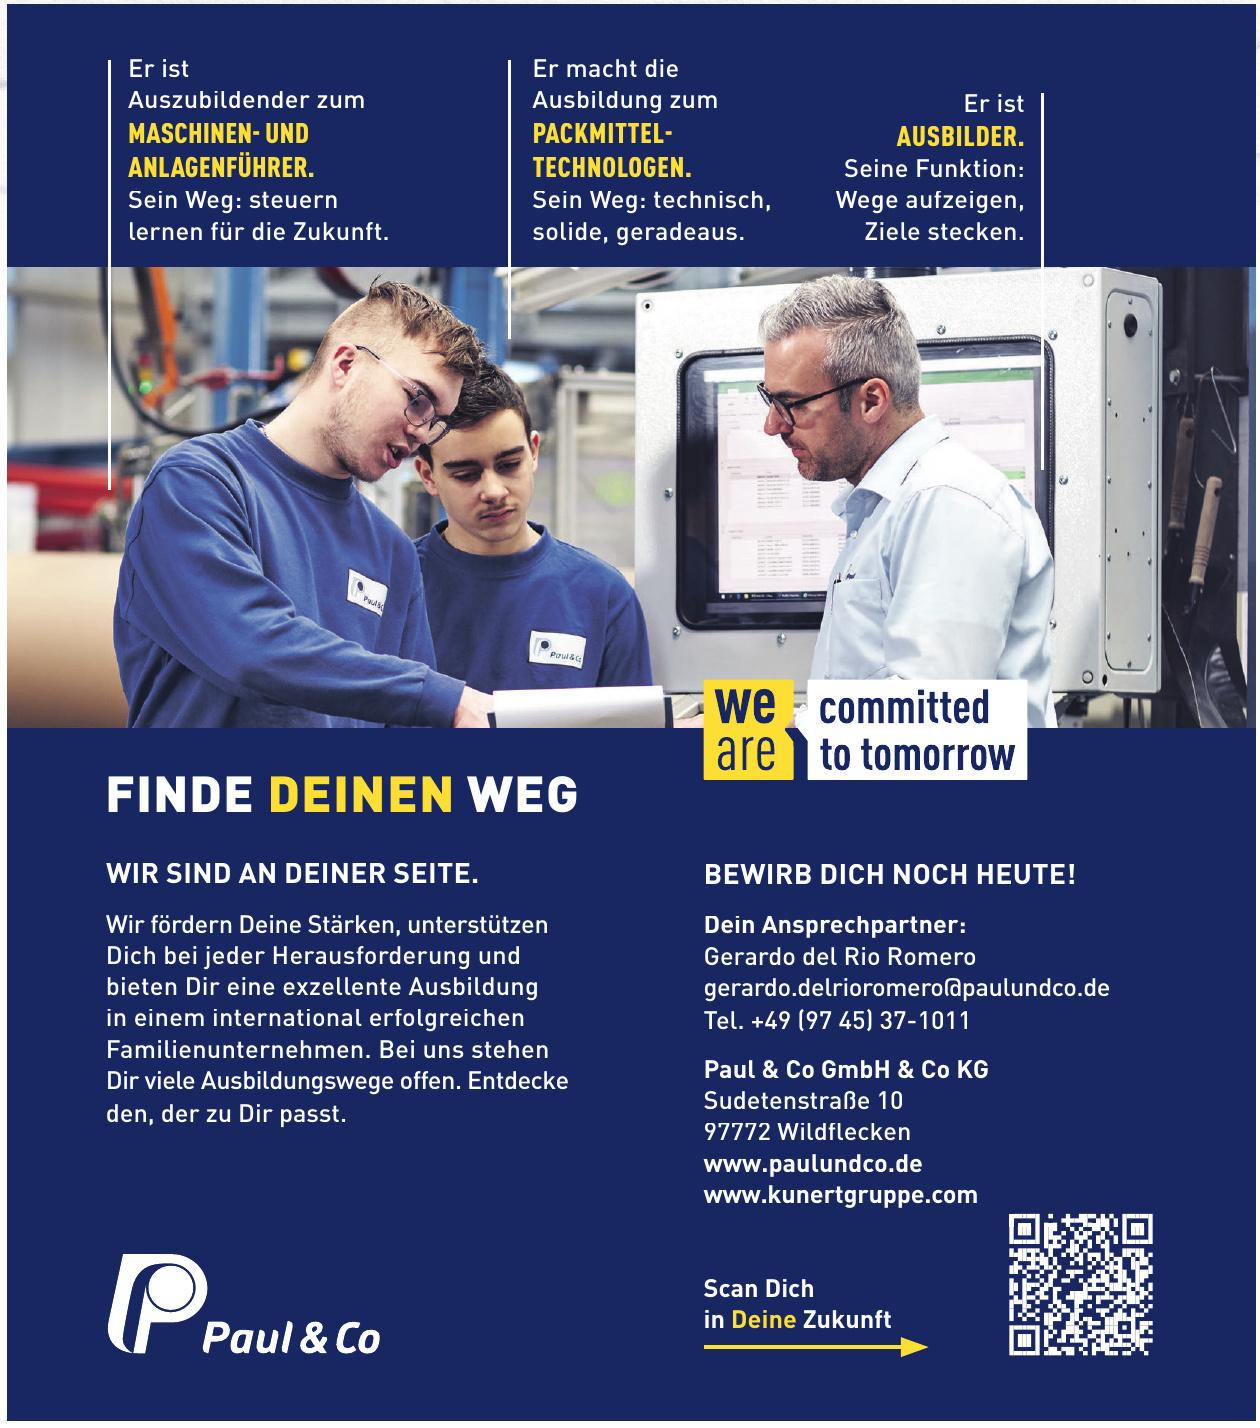 Paul & Co GmbH & Co KG